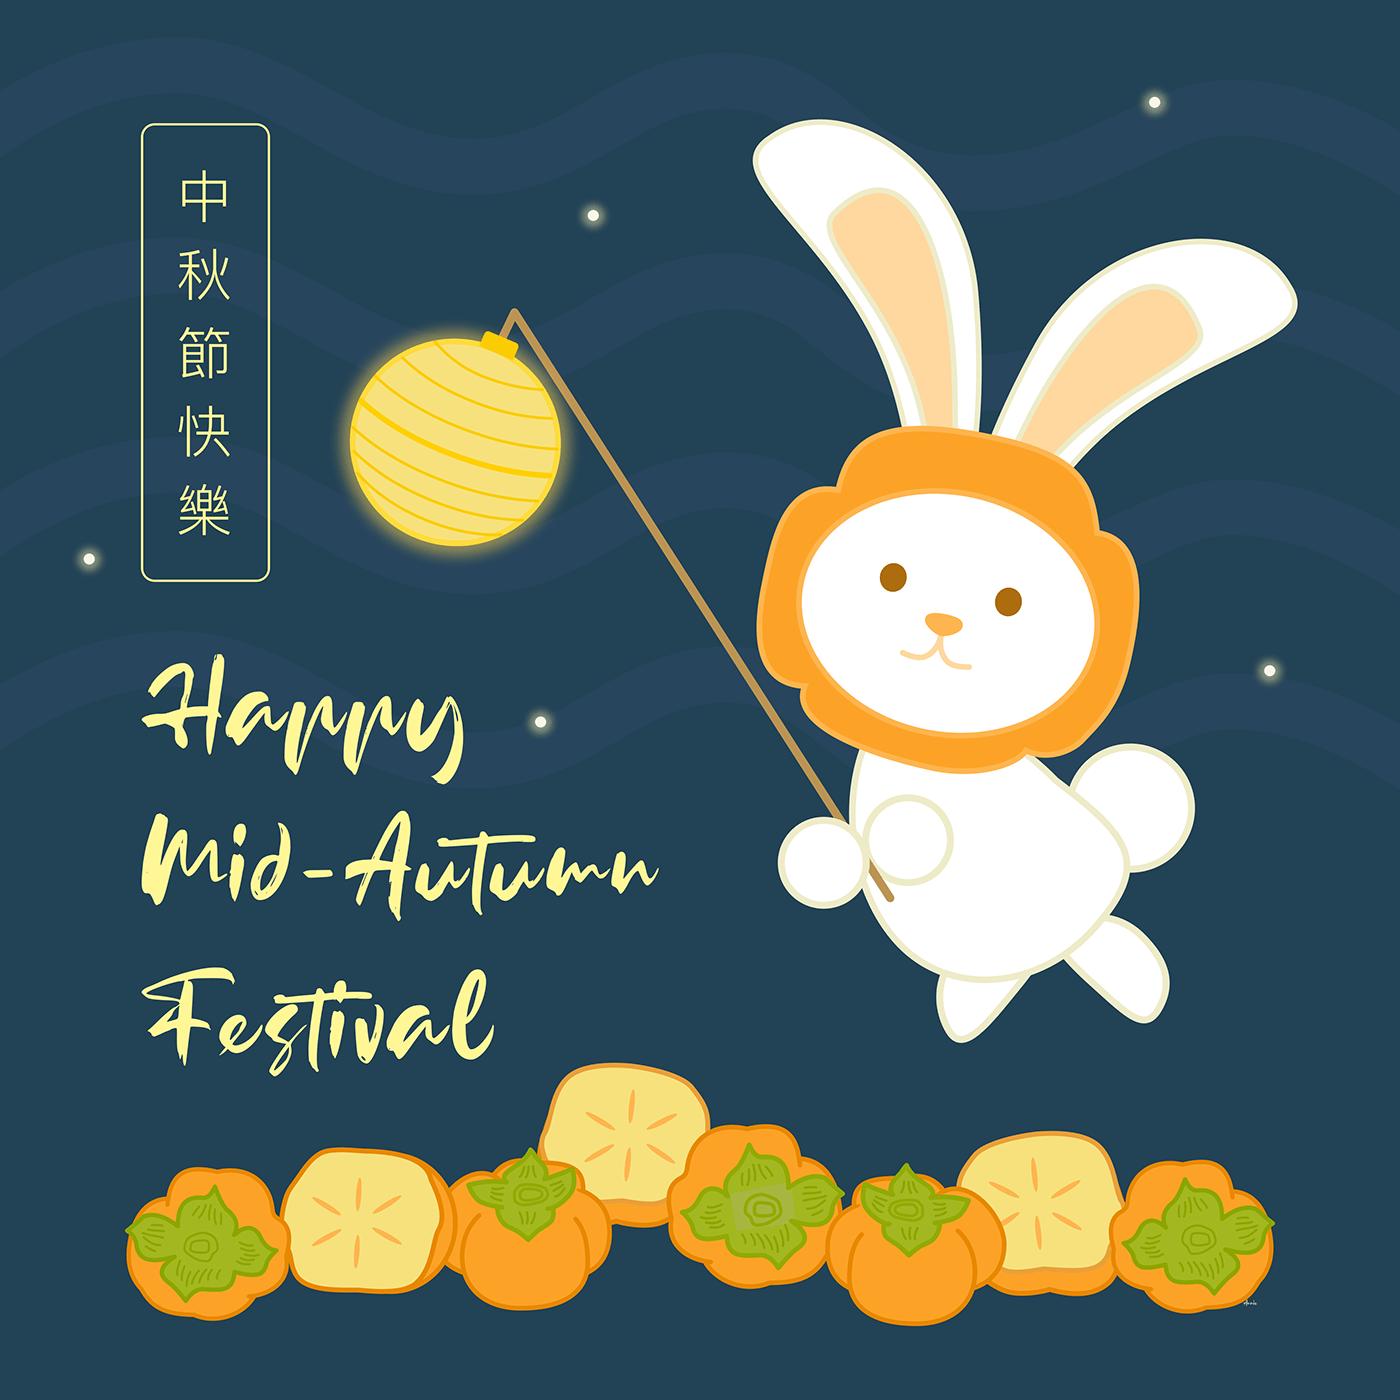 autumn festival lantern mid-autumn Mid-Autumn Festival moon mooncake persimmon rabbit